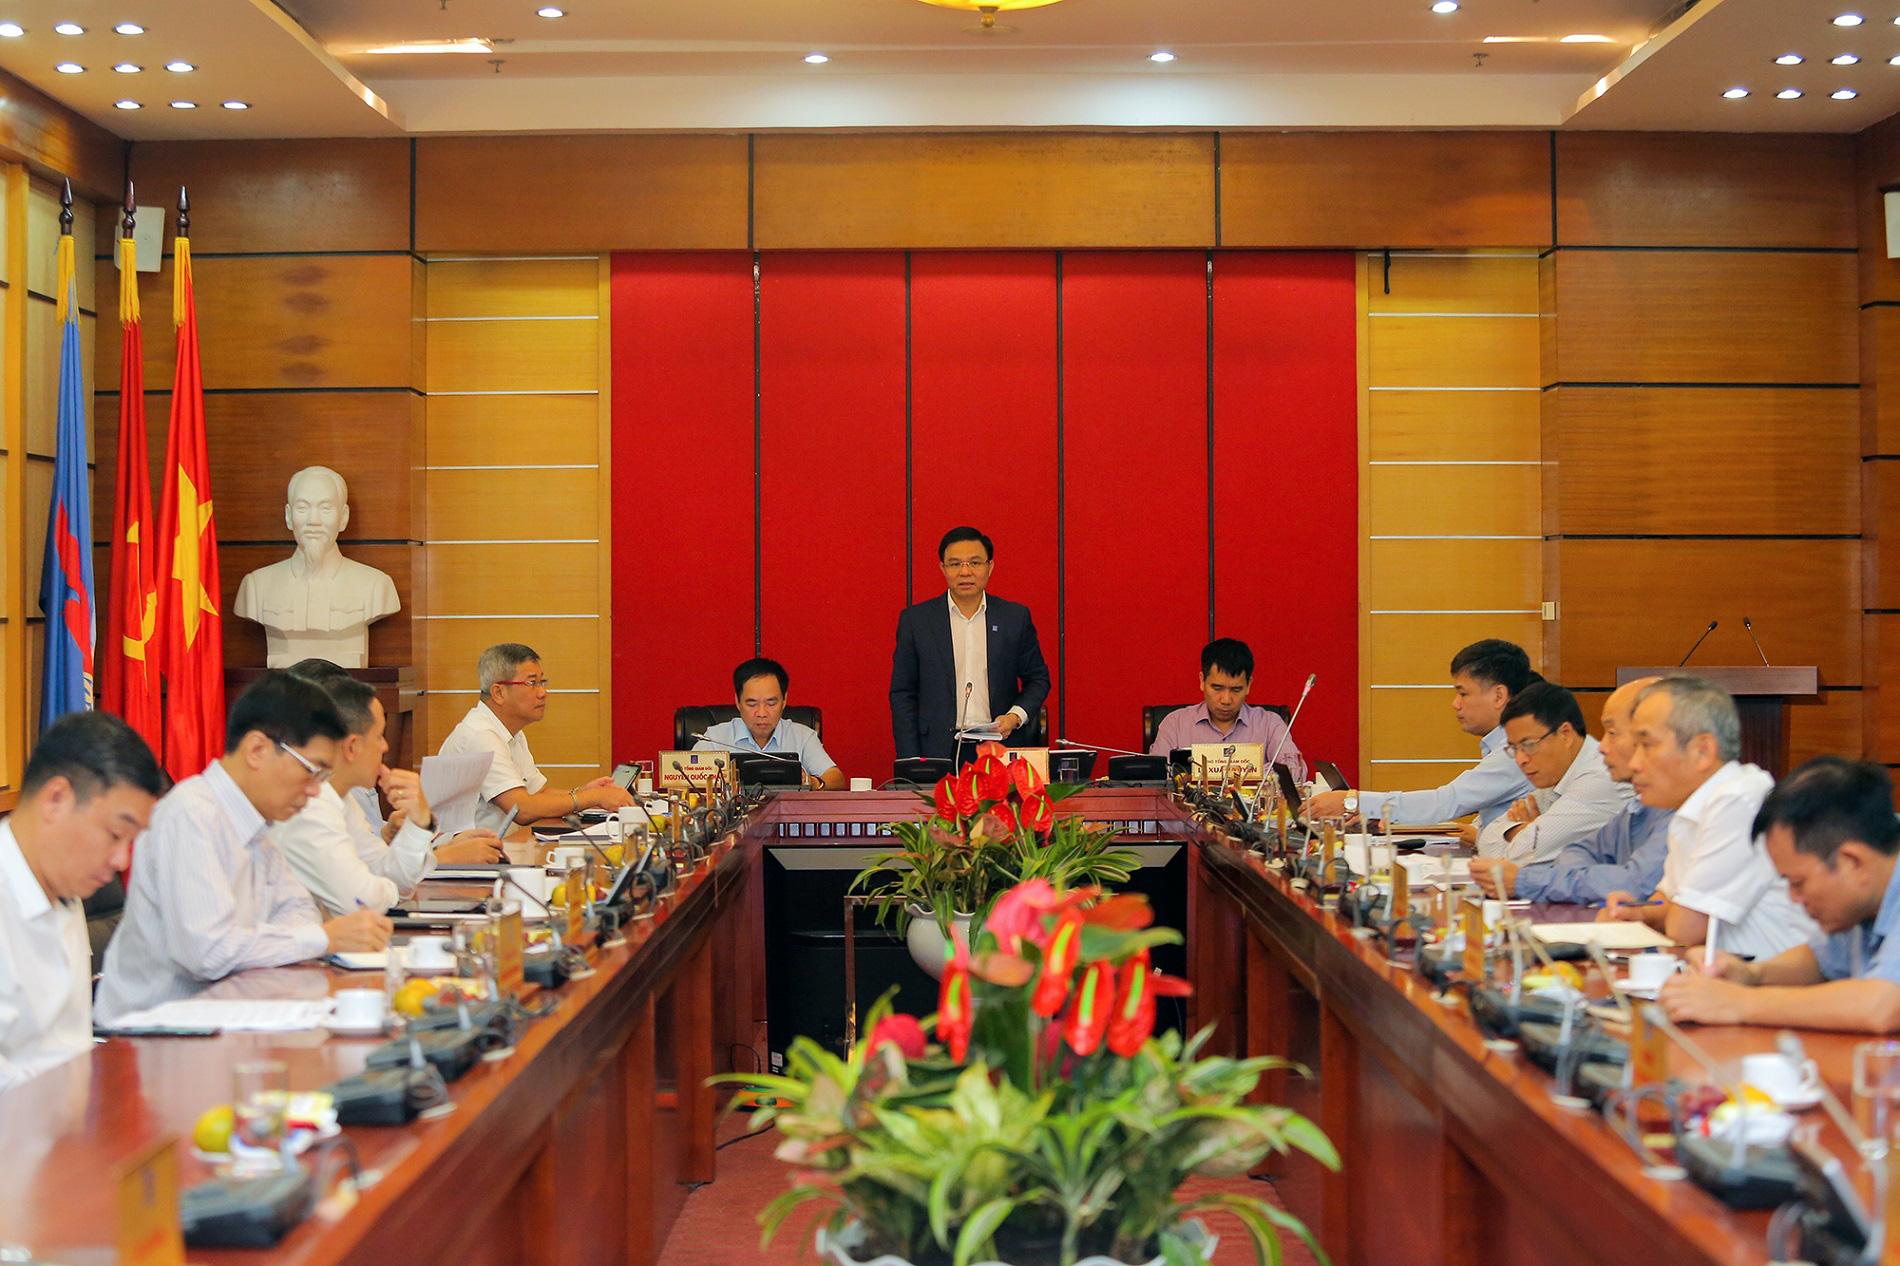 PVN báo lãi hơn 10 ngàn tỷ, nộp ngân sách Nhà nước hơn 38 ngàn tỷ đồng - Ảnh 1.